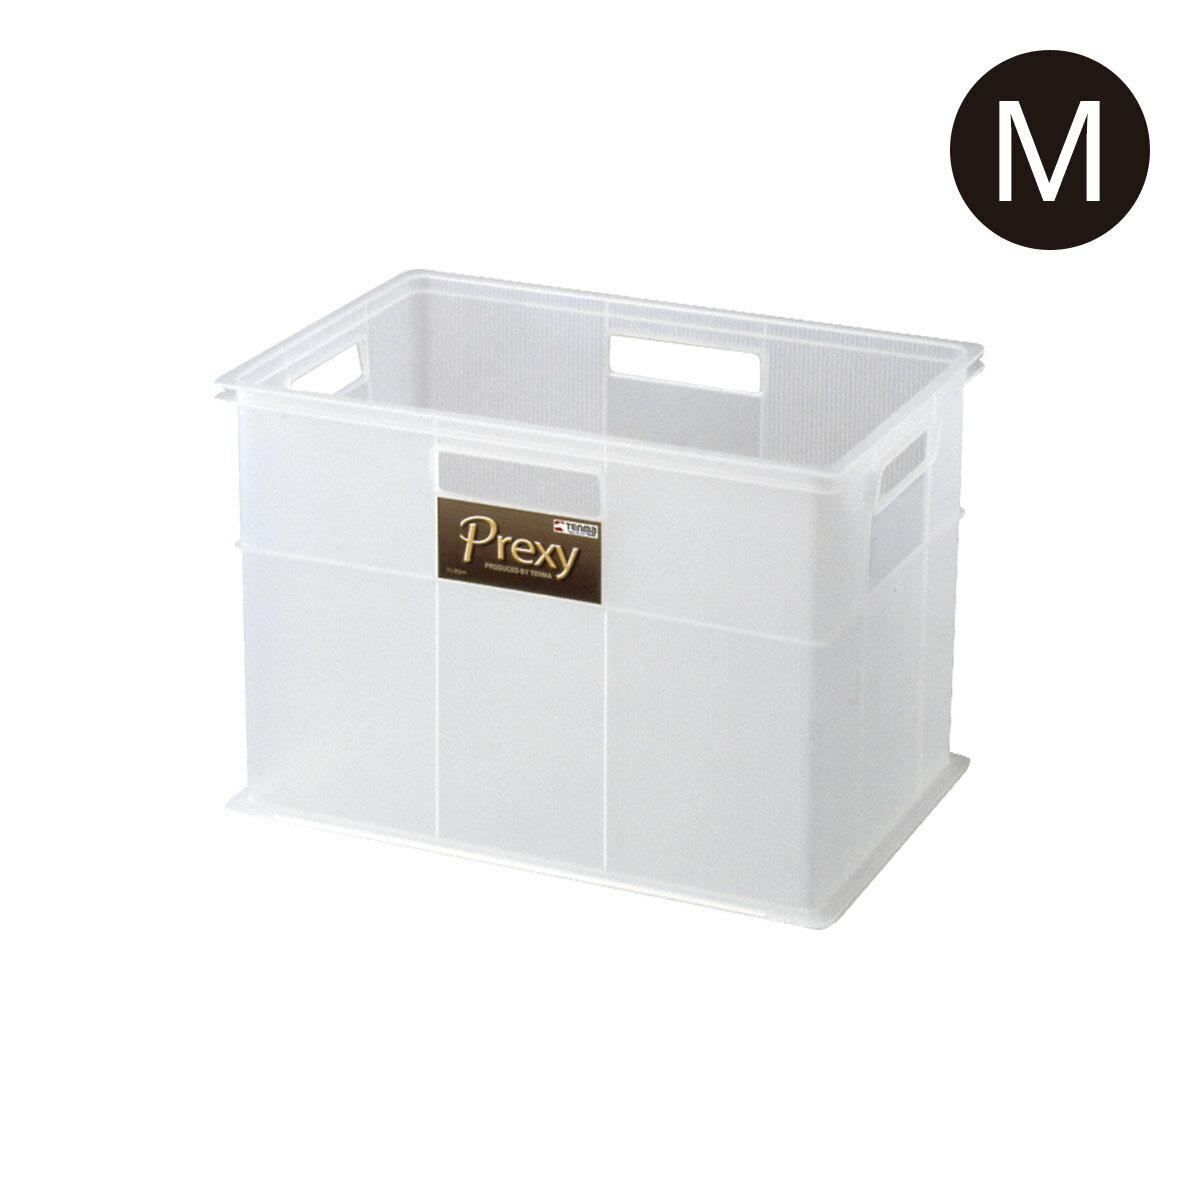 ◇3/15(月)0:00〜23:59 15%OFFクーポン対象◇プレクシー M クリア収納ケース 収納ボックス ボックス ケース 小物入れ プラスチック 天馬